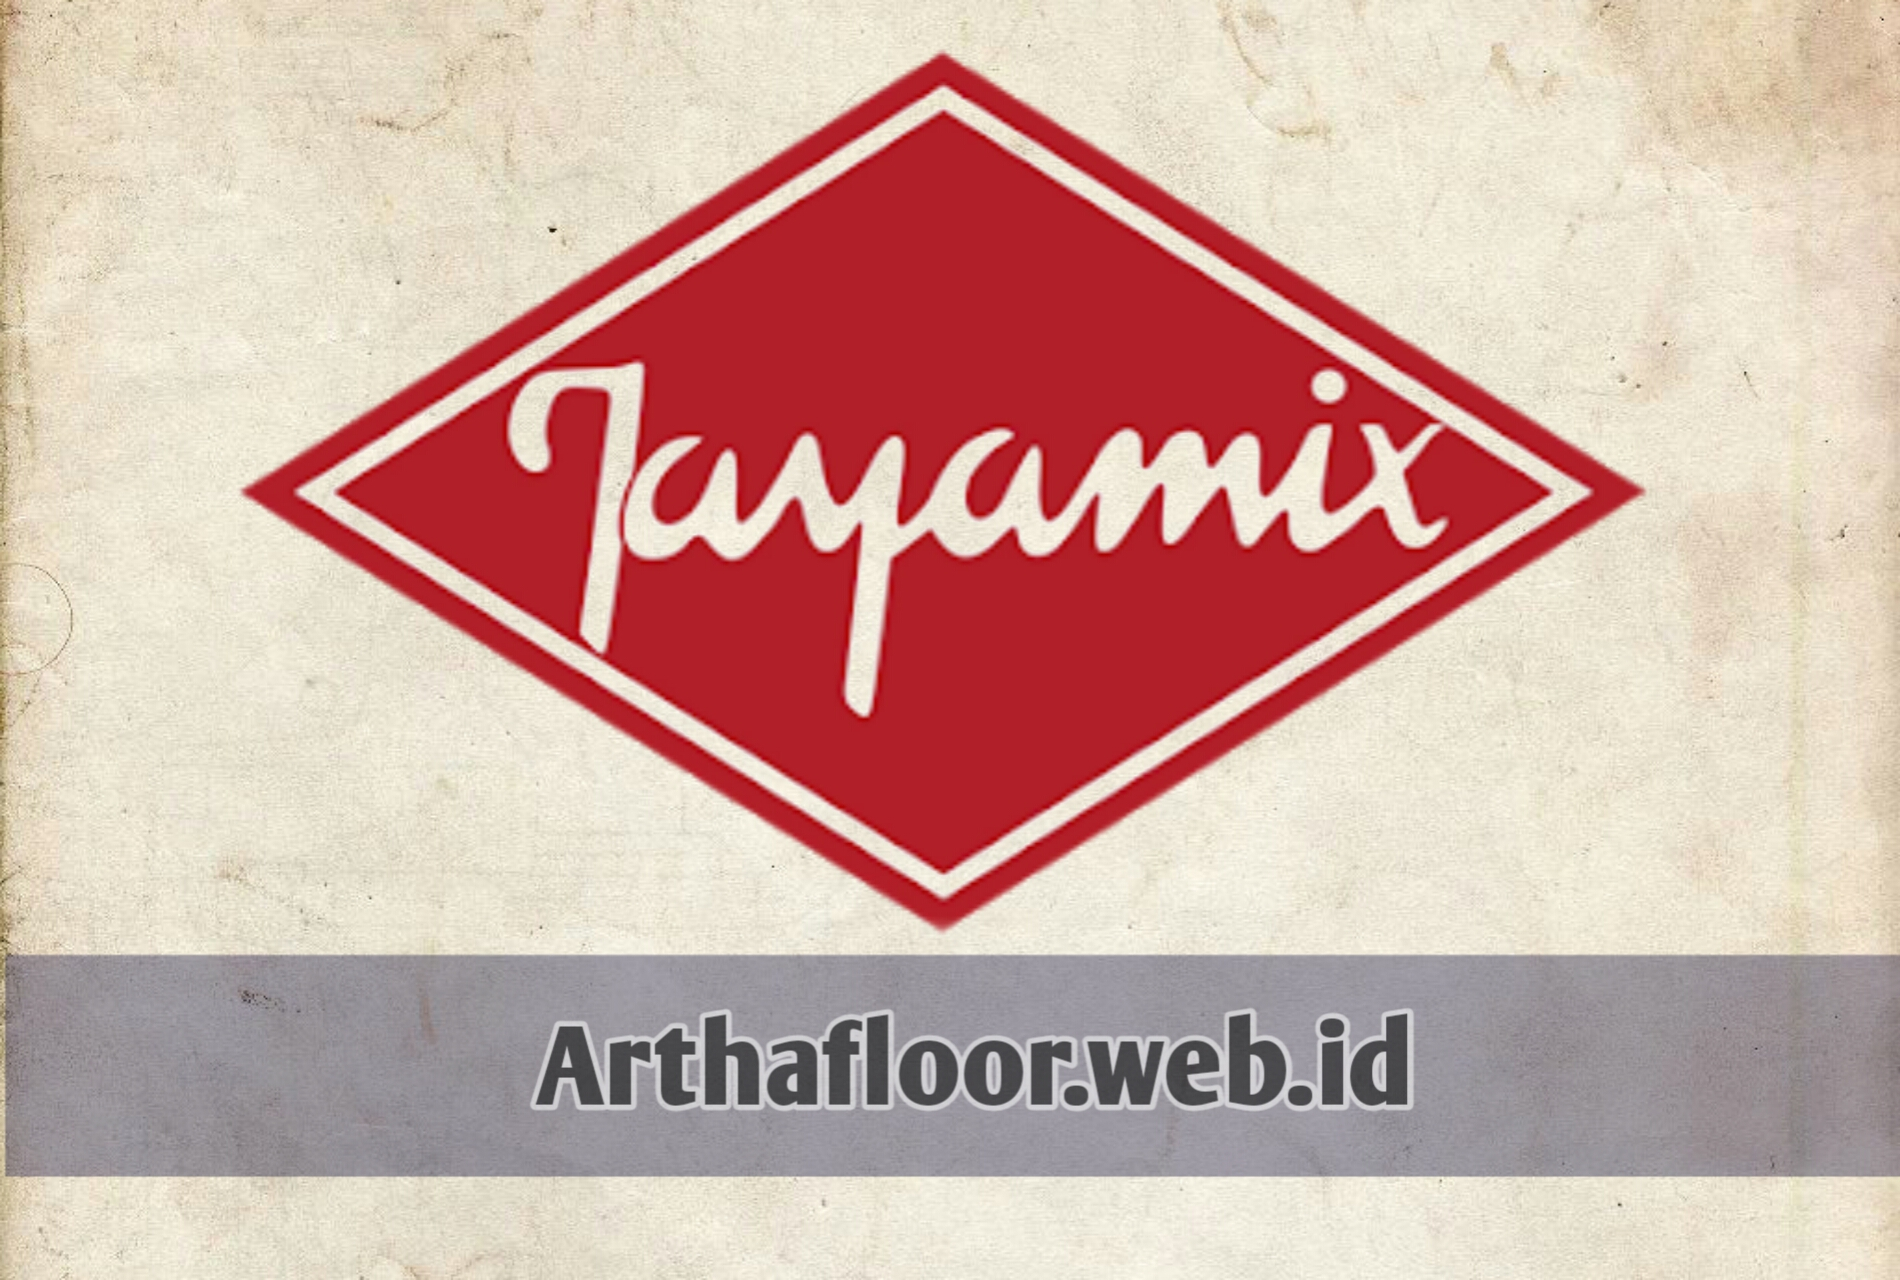 pt scg jayamix